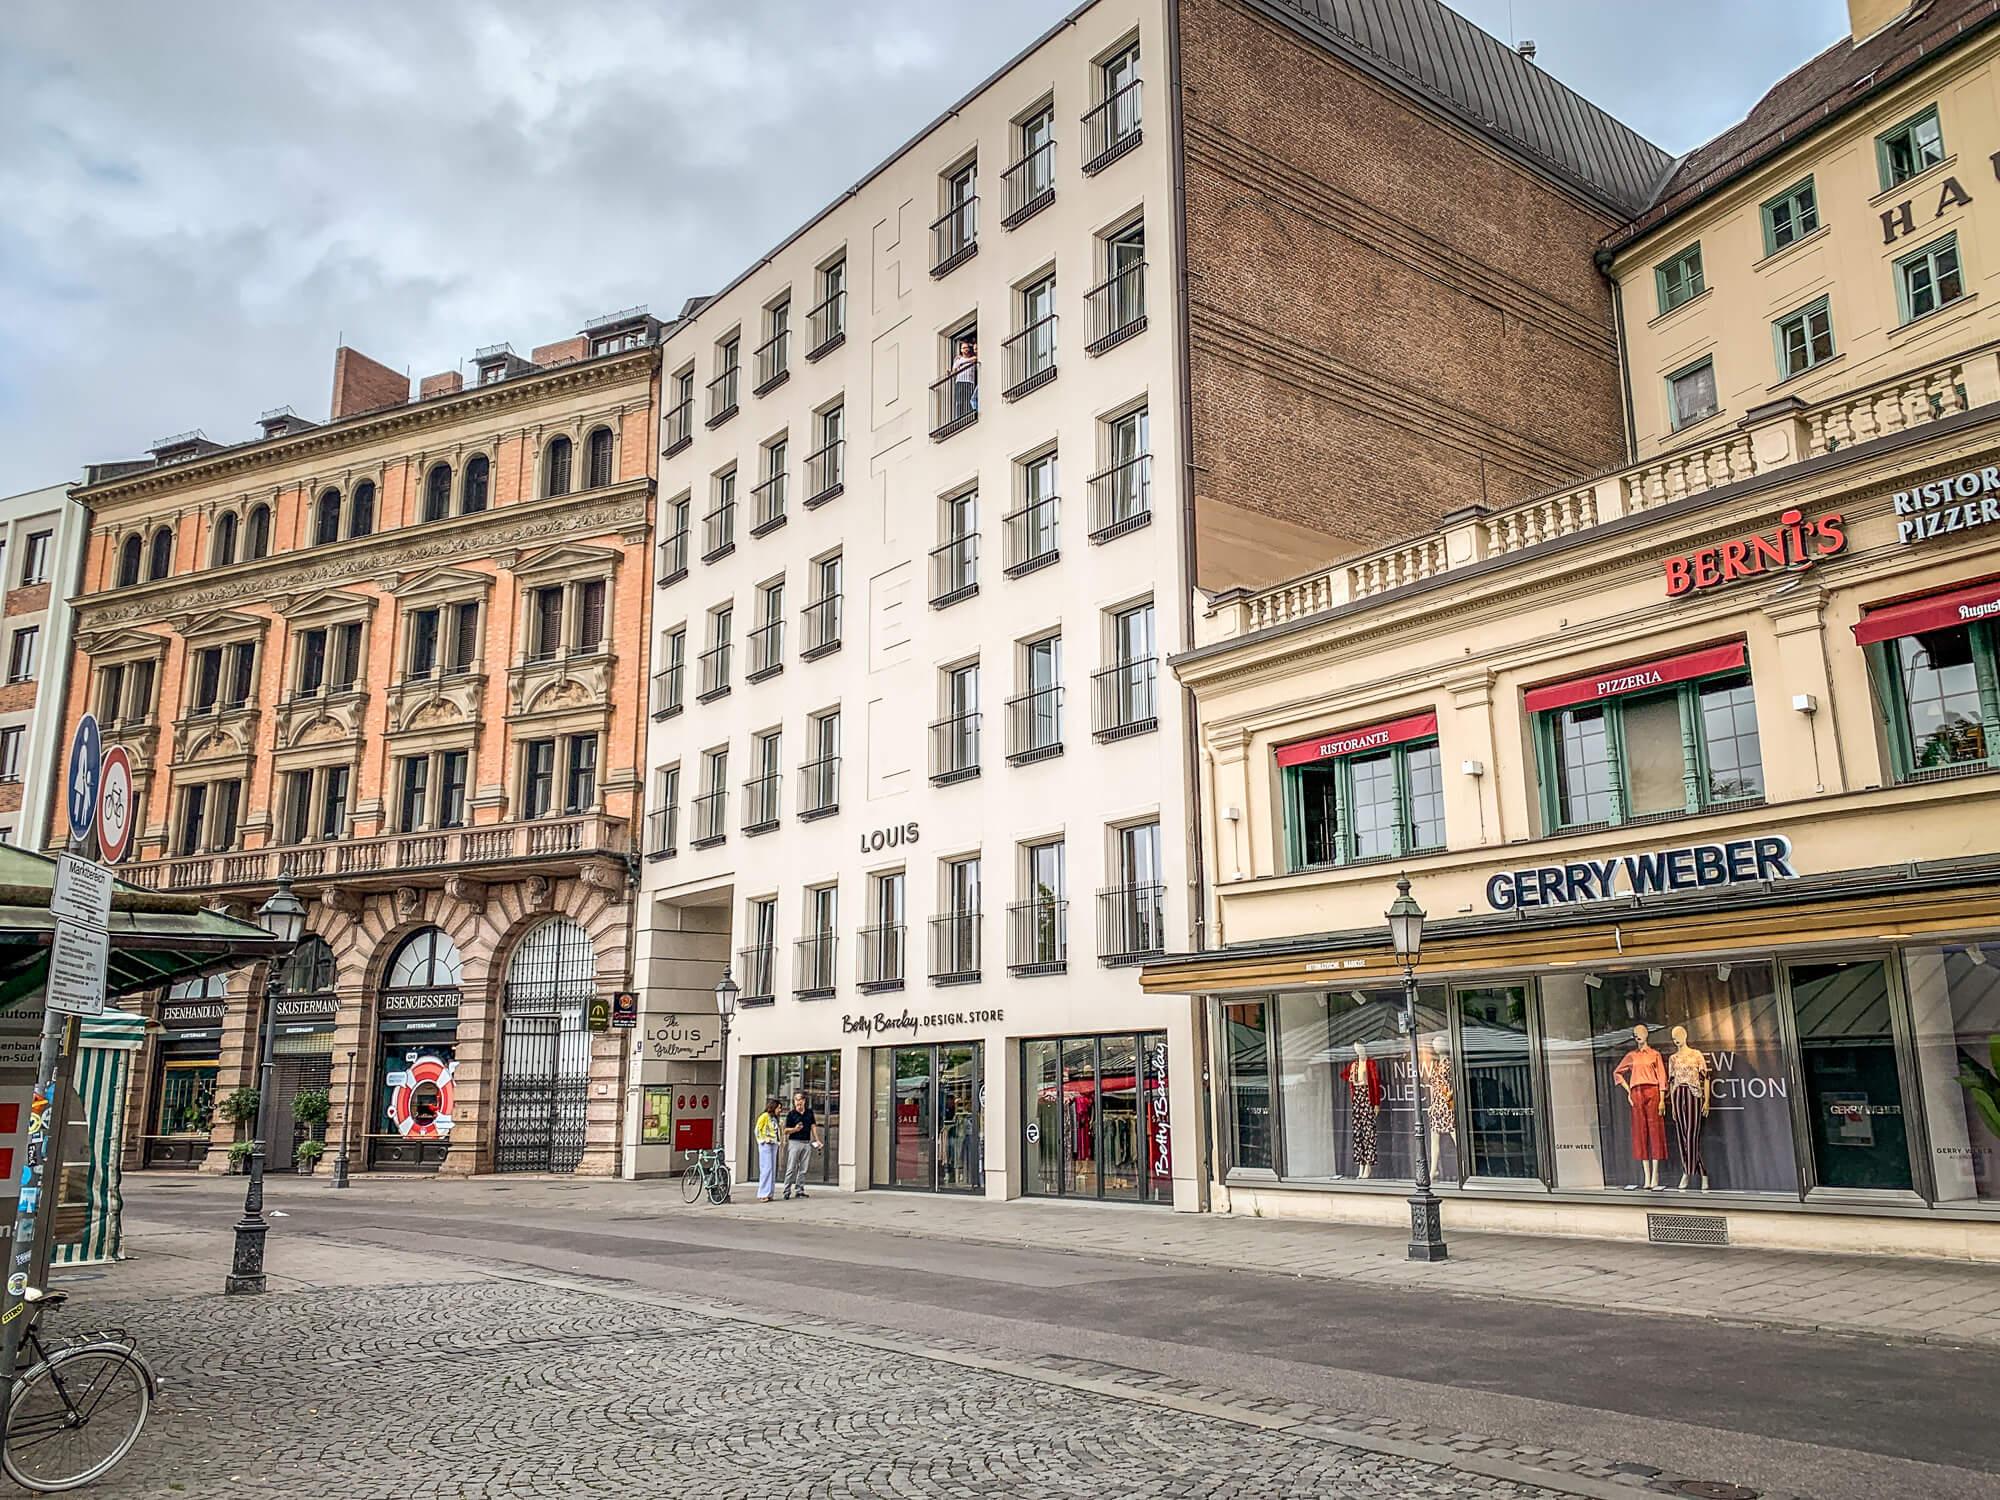 Louis Hotel exterior